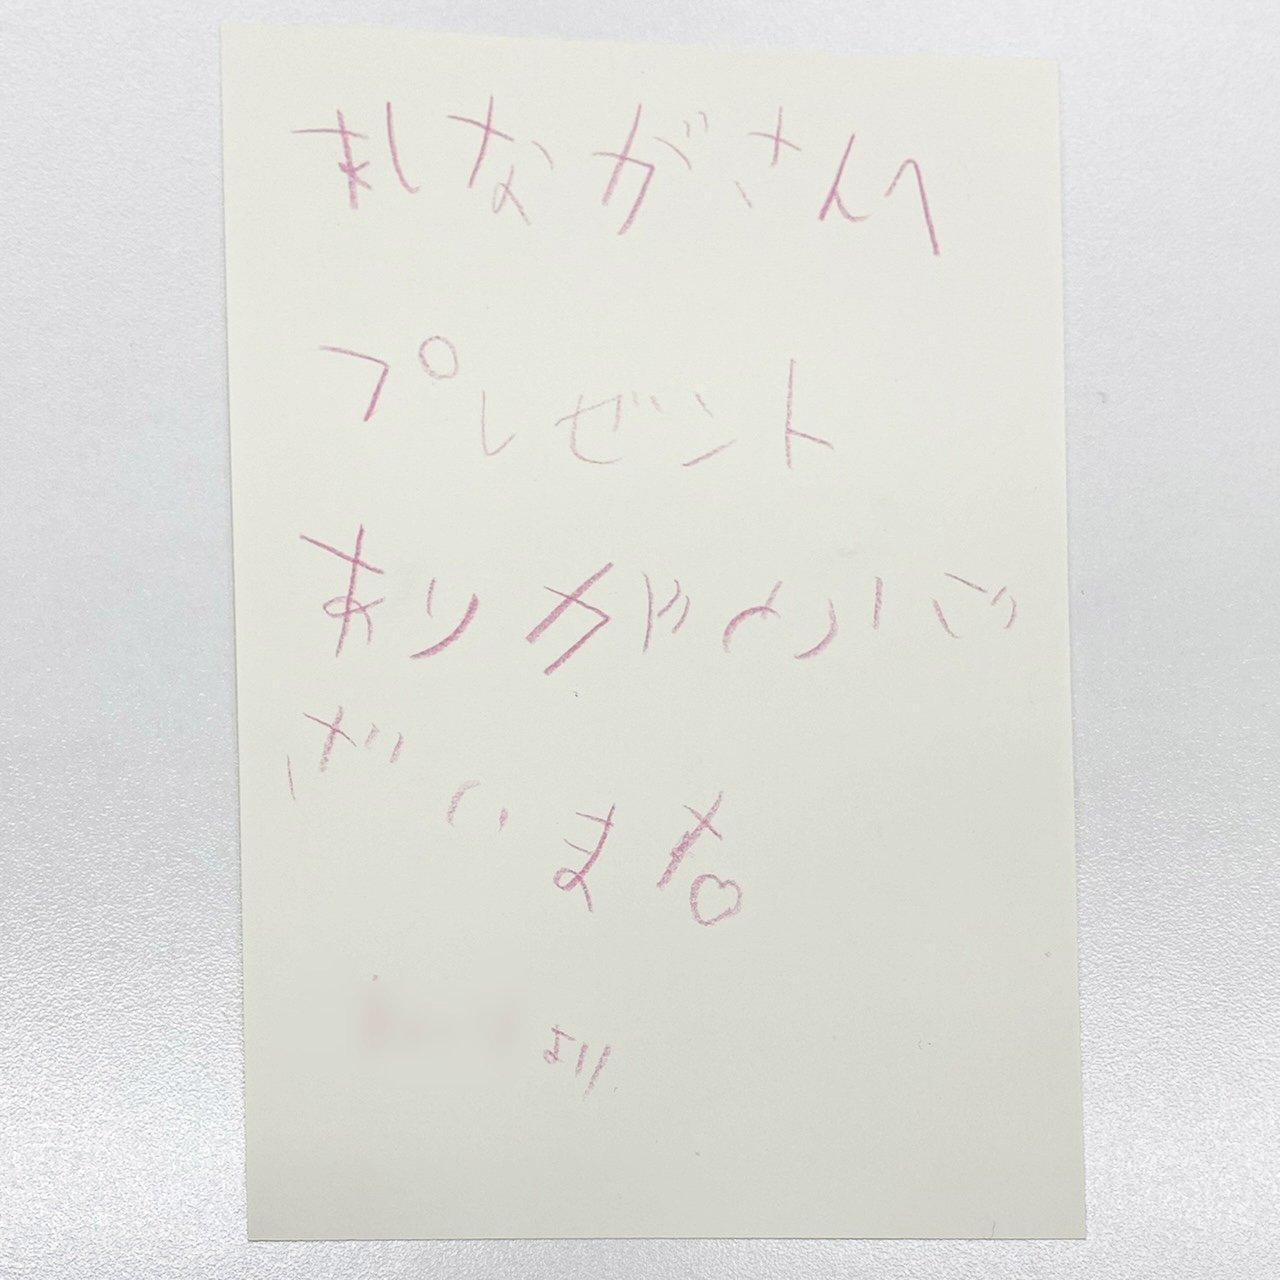 【あしながサンタ】株式会社ロードカー【手紙】